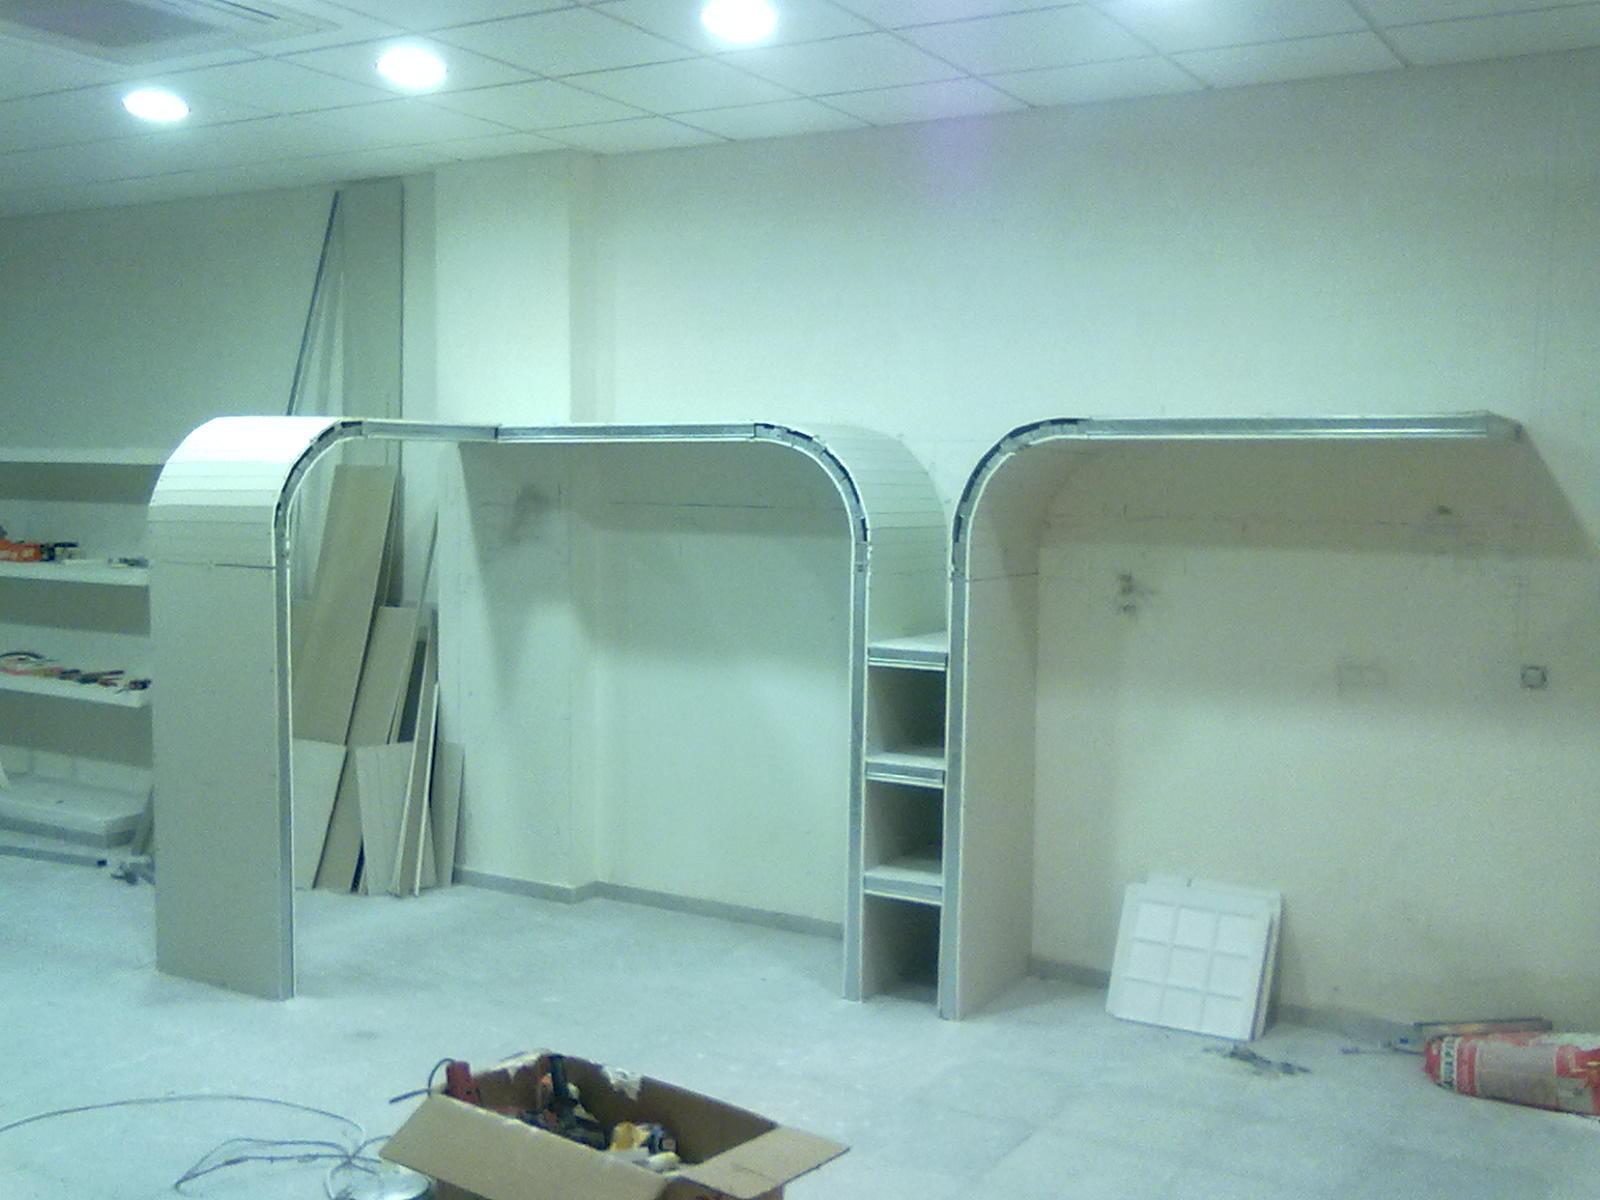 mueble de pladur con barras de aluminio como percheros